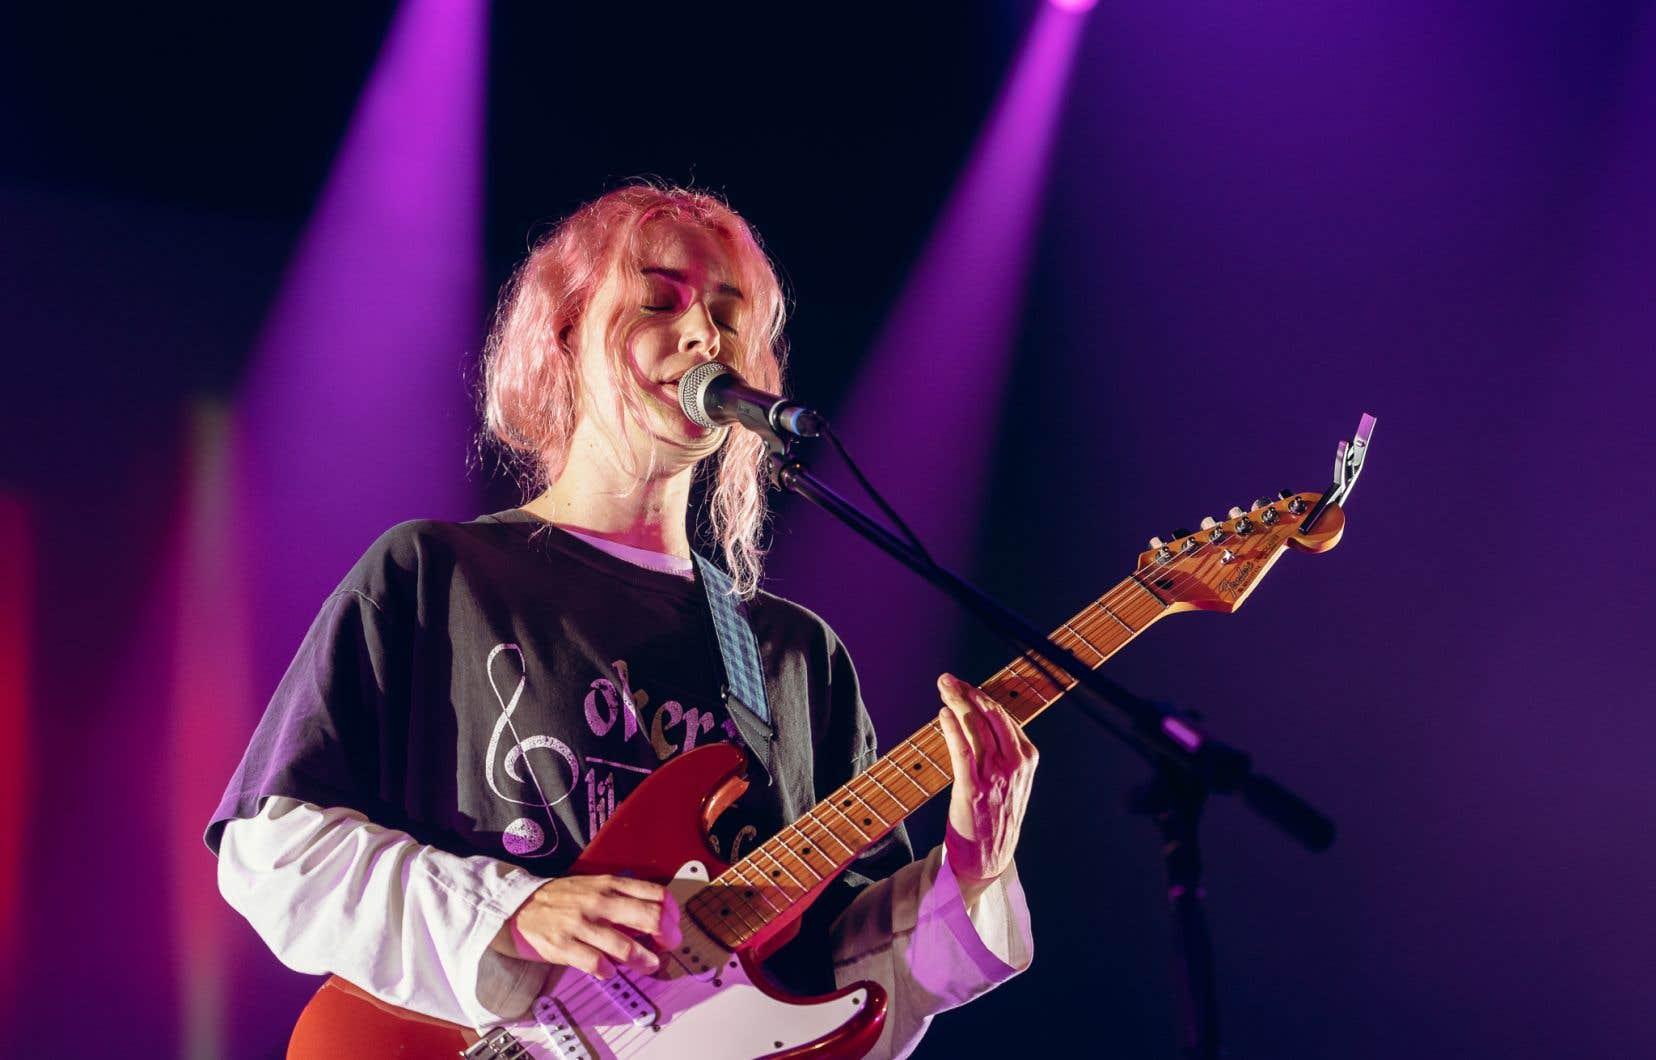 Emma Proulx, chanteuse, guitariste et compositrice de Men I Trust